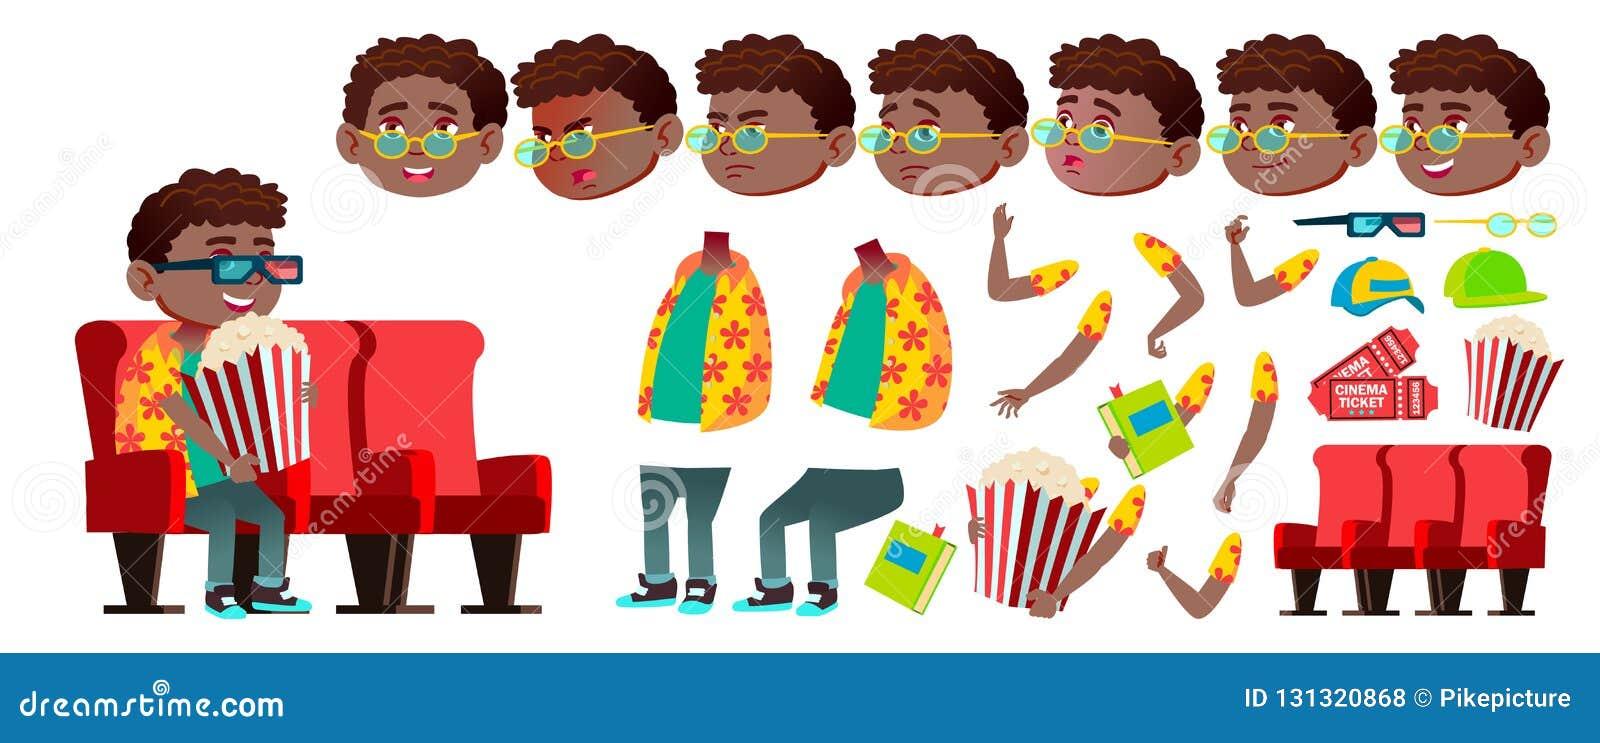 男孩男小学生孩子传染媒介 投反对票 美国黑人 动画创作集合 滑稽的子项 小辈 生活方式,友好 为